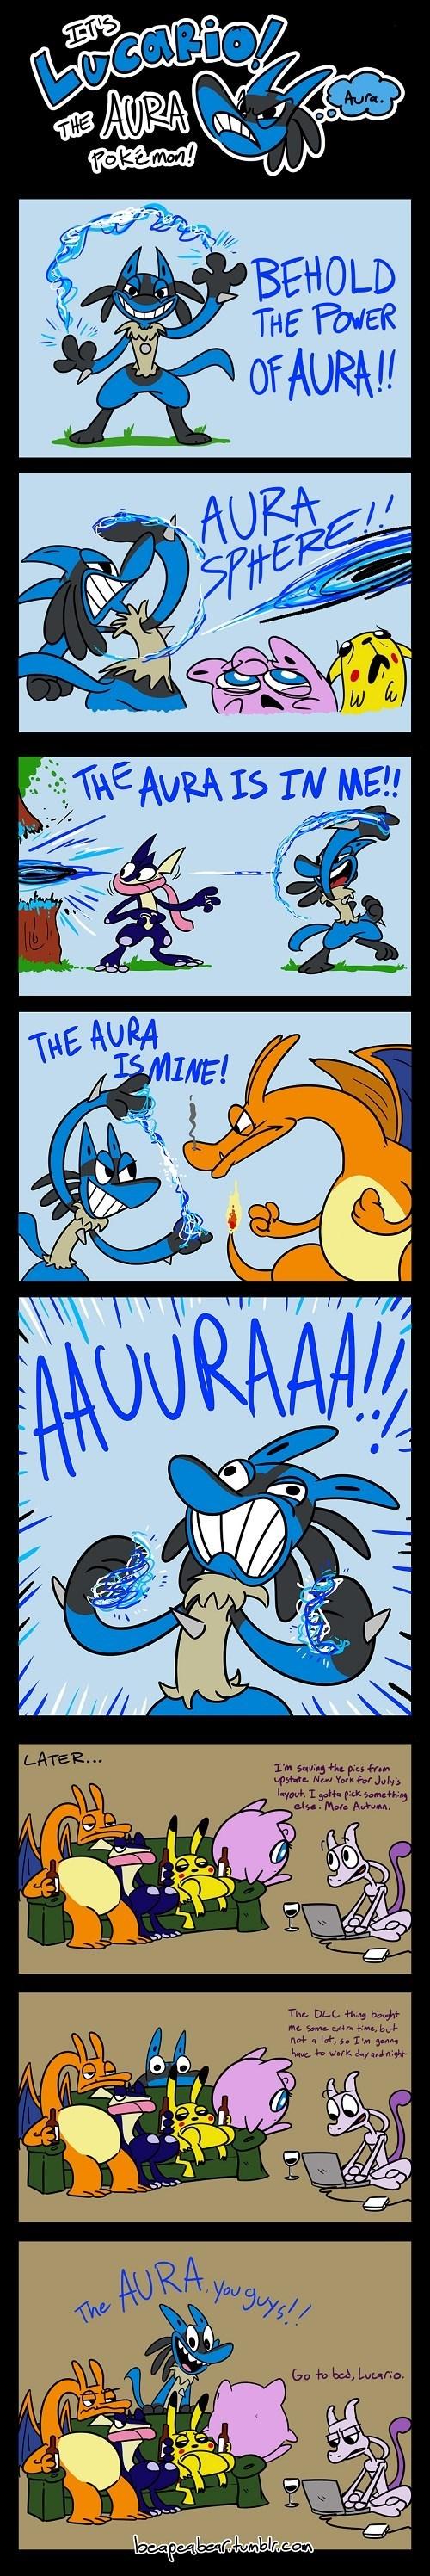 puns Pokémon lucario web comics aura - 8375451392